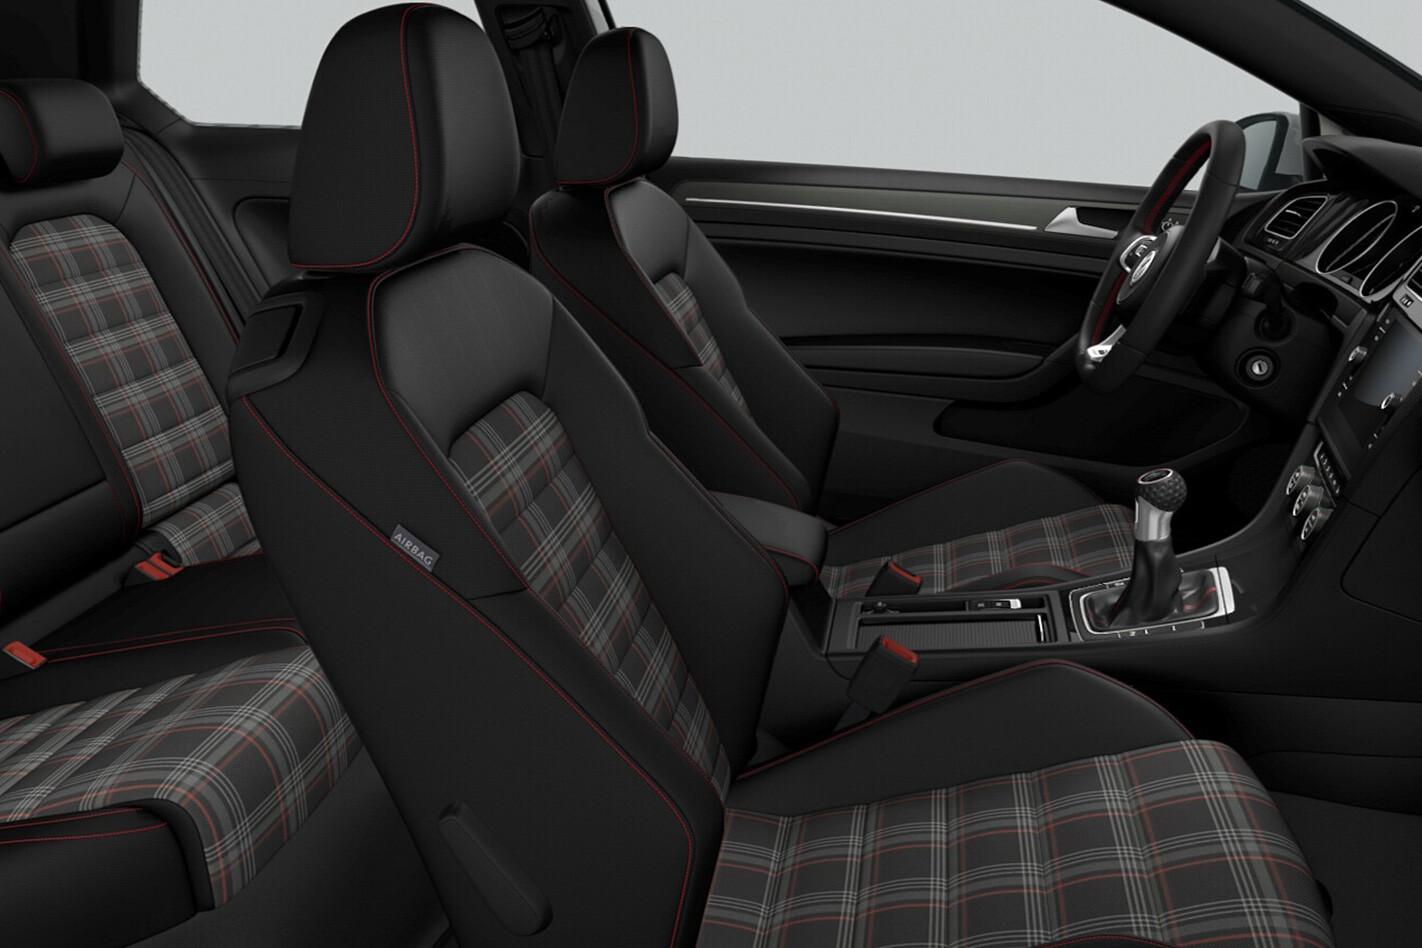 2018 Volkswagen Golf GTI Original Seats.jpg